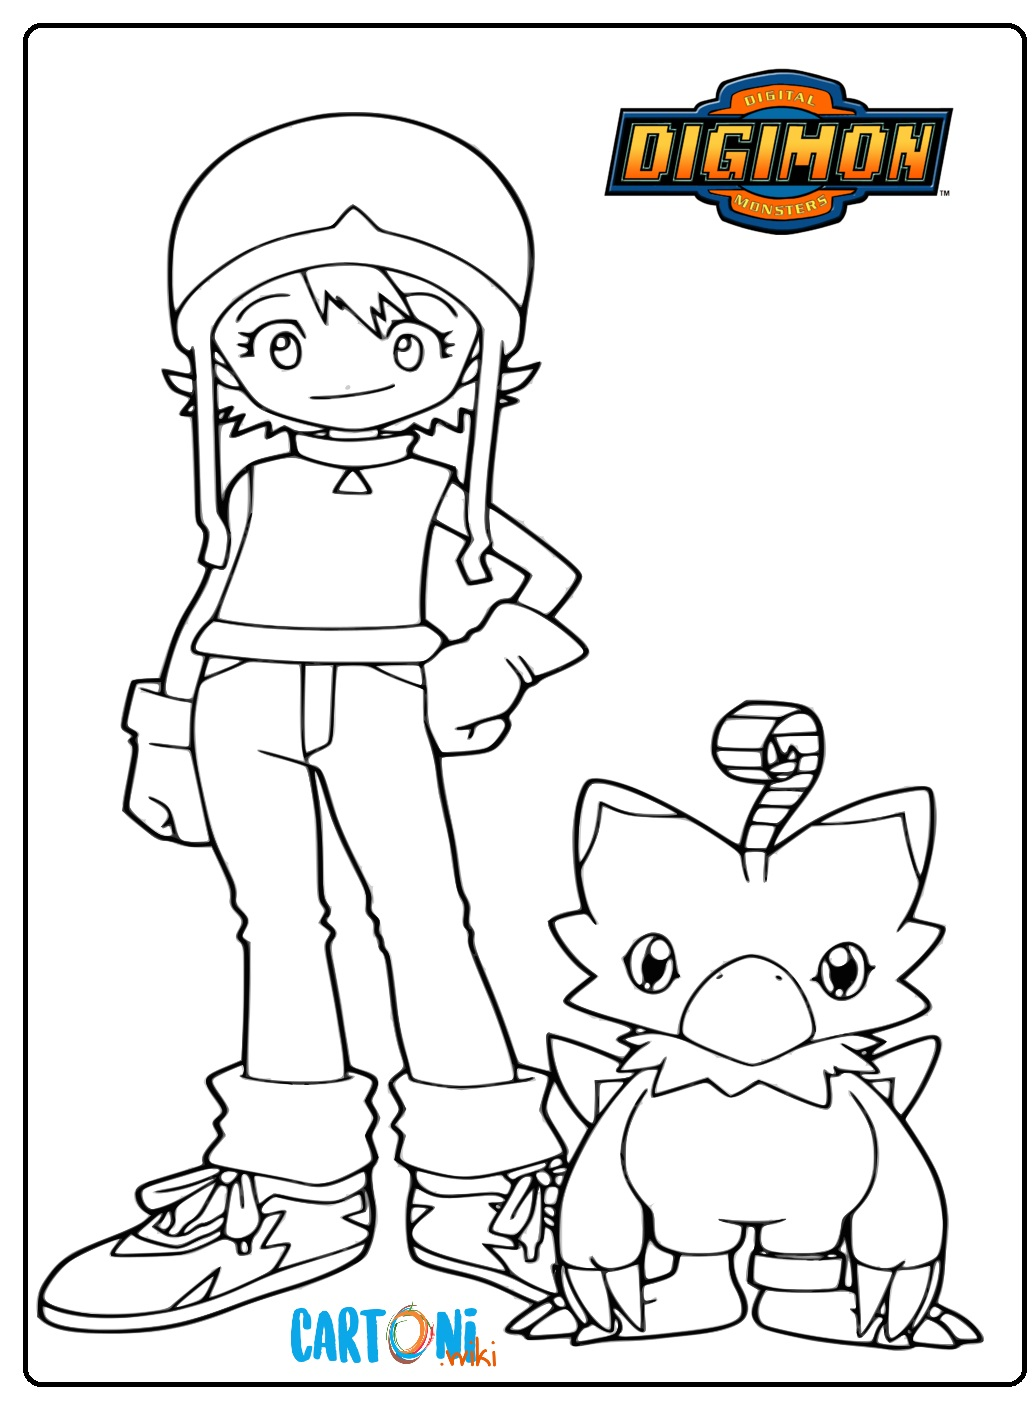 Disegni Digimon Colora Sora e Bijomon - Stampa e colora